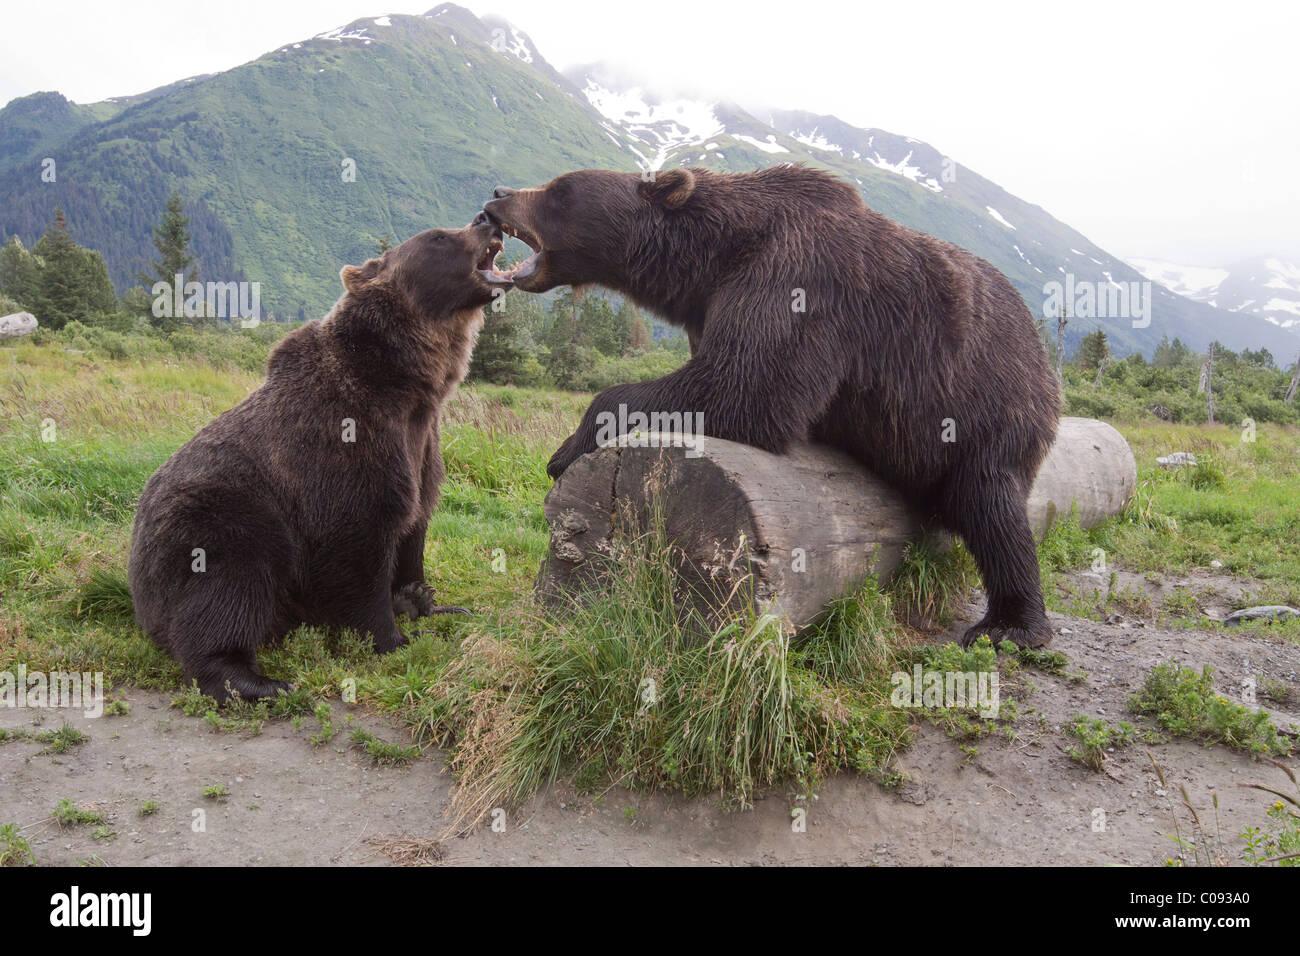 Une paire d'ours bruns en captivité gronder et toucher la bouche ouverte sur un journal à l'Alaska Photo Stock